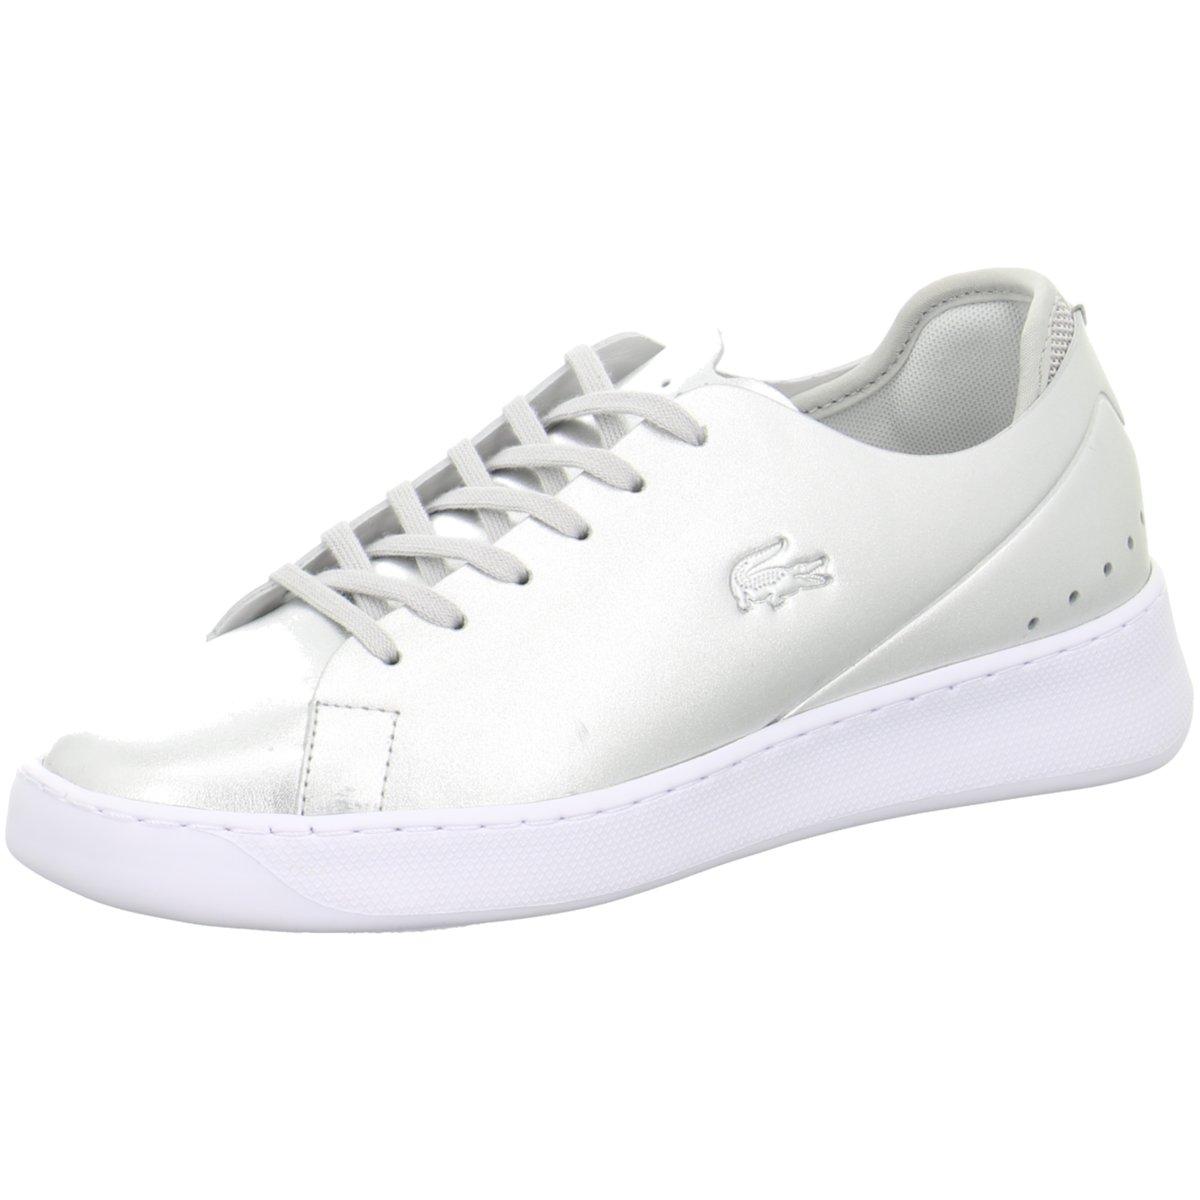 Sneaker 328423 Neu Damen Ebay Eyyla Silber Lacoste 734caw0011166 YPAEw